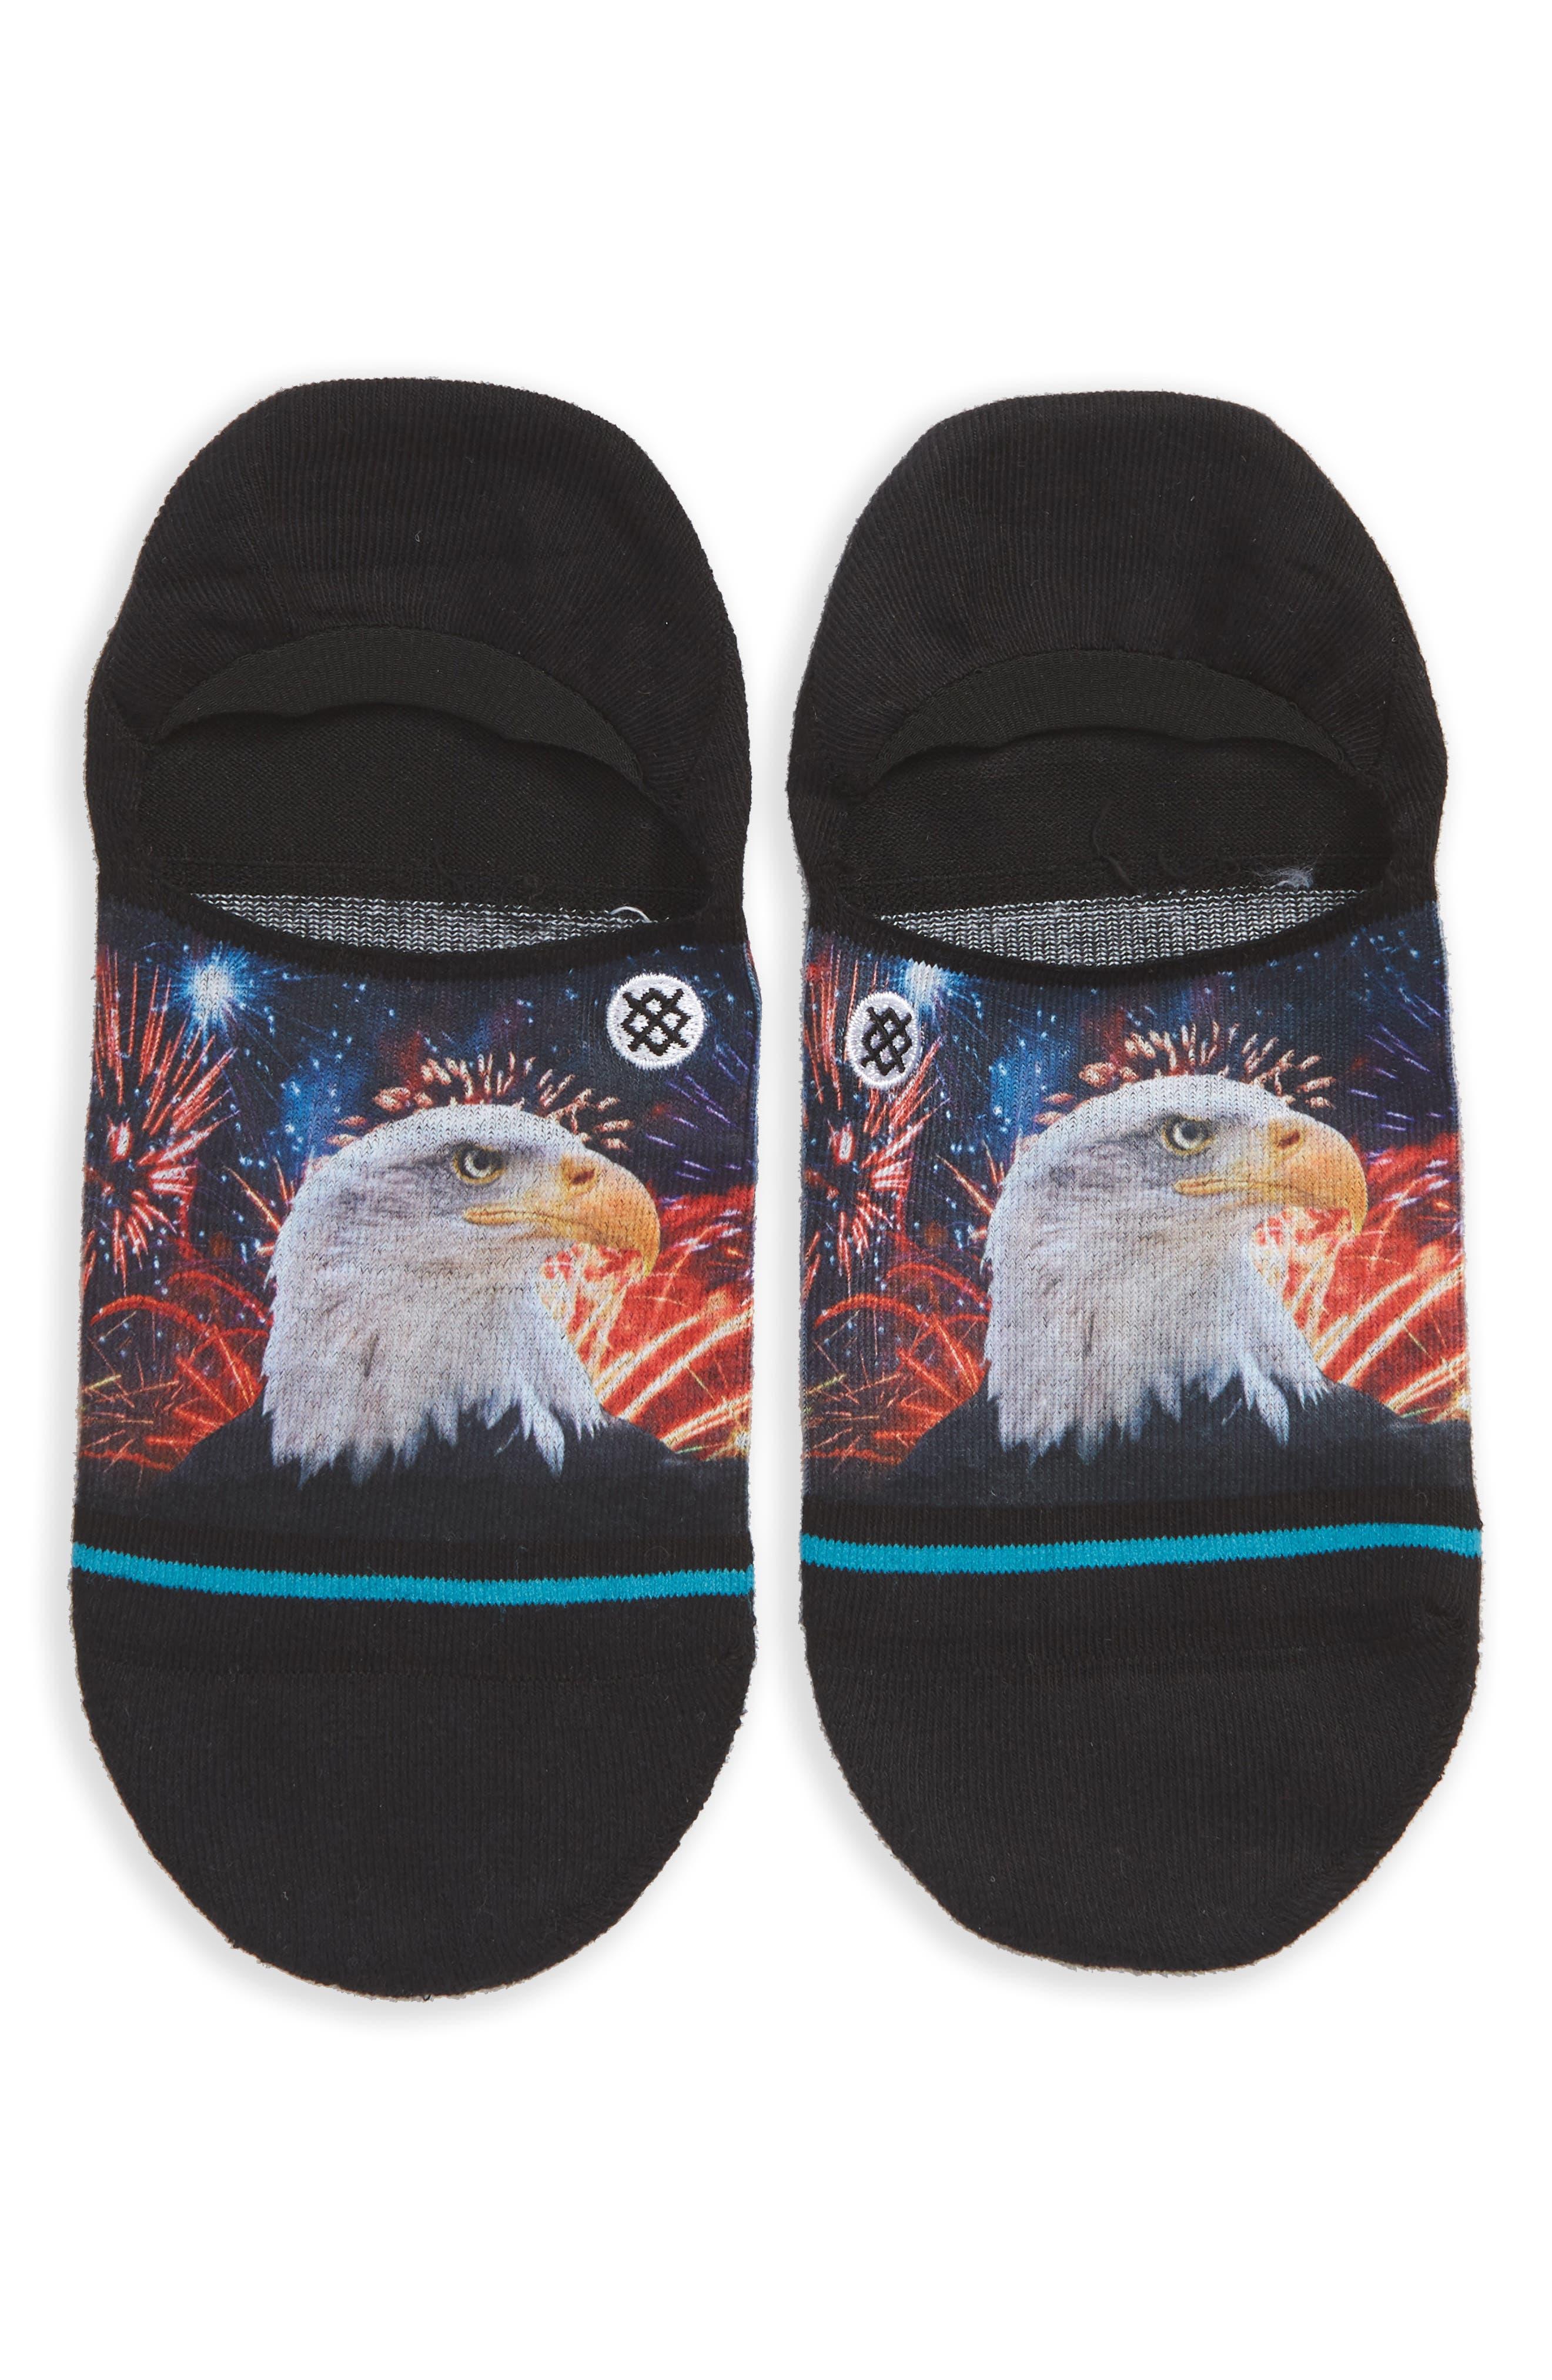 Defender Liner Socks,                         Main,                         color, Black